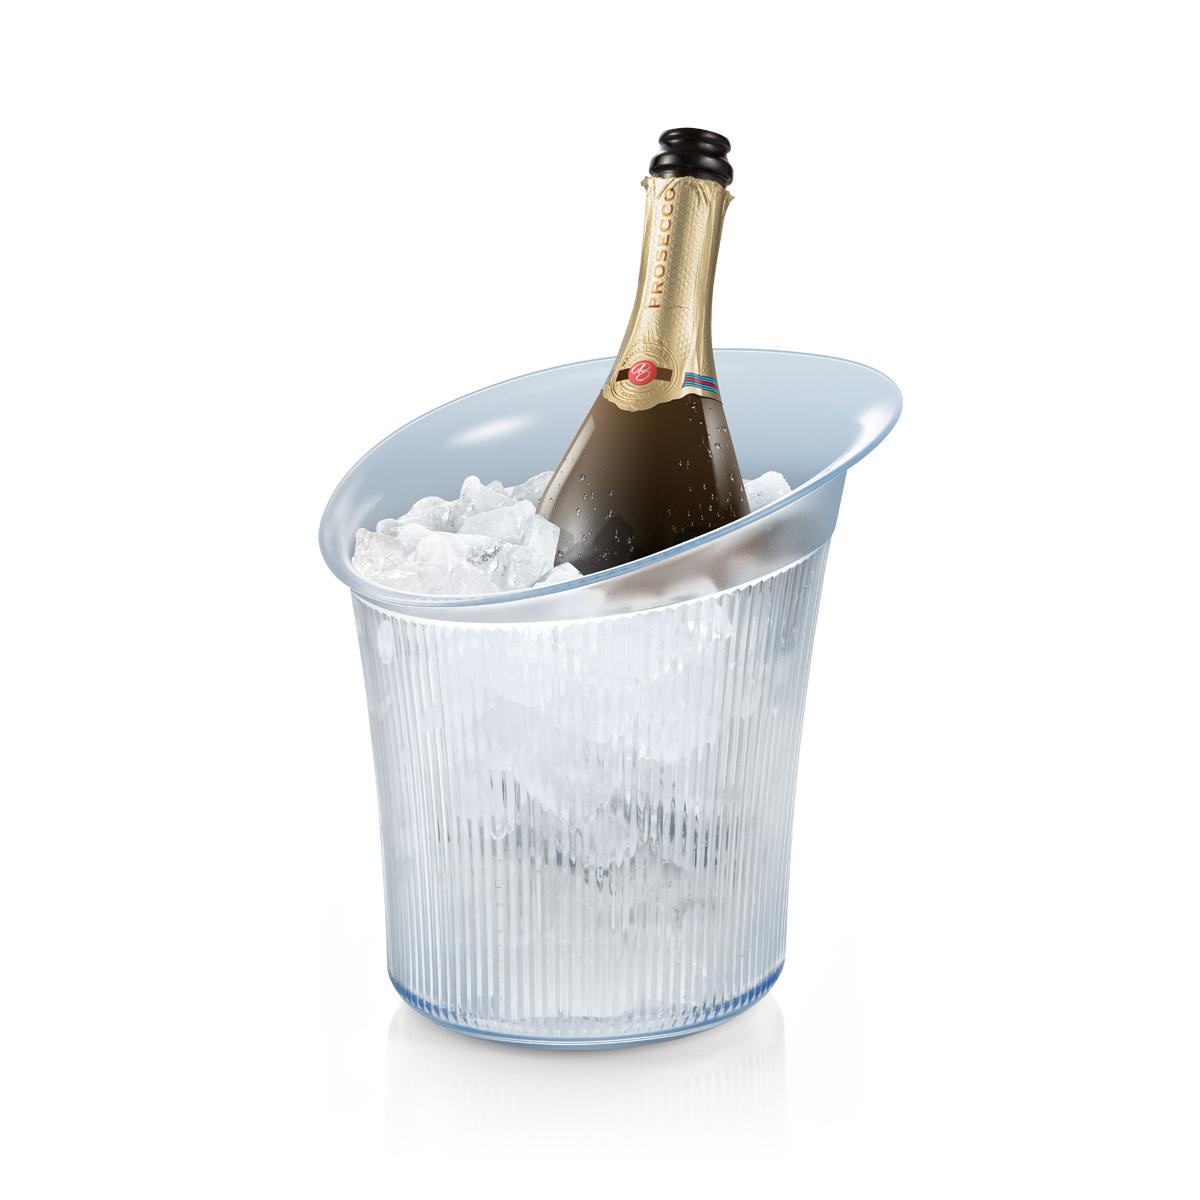 Chladicí nádoba na víno a šampaňské UNO VINO